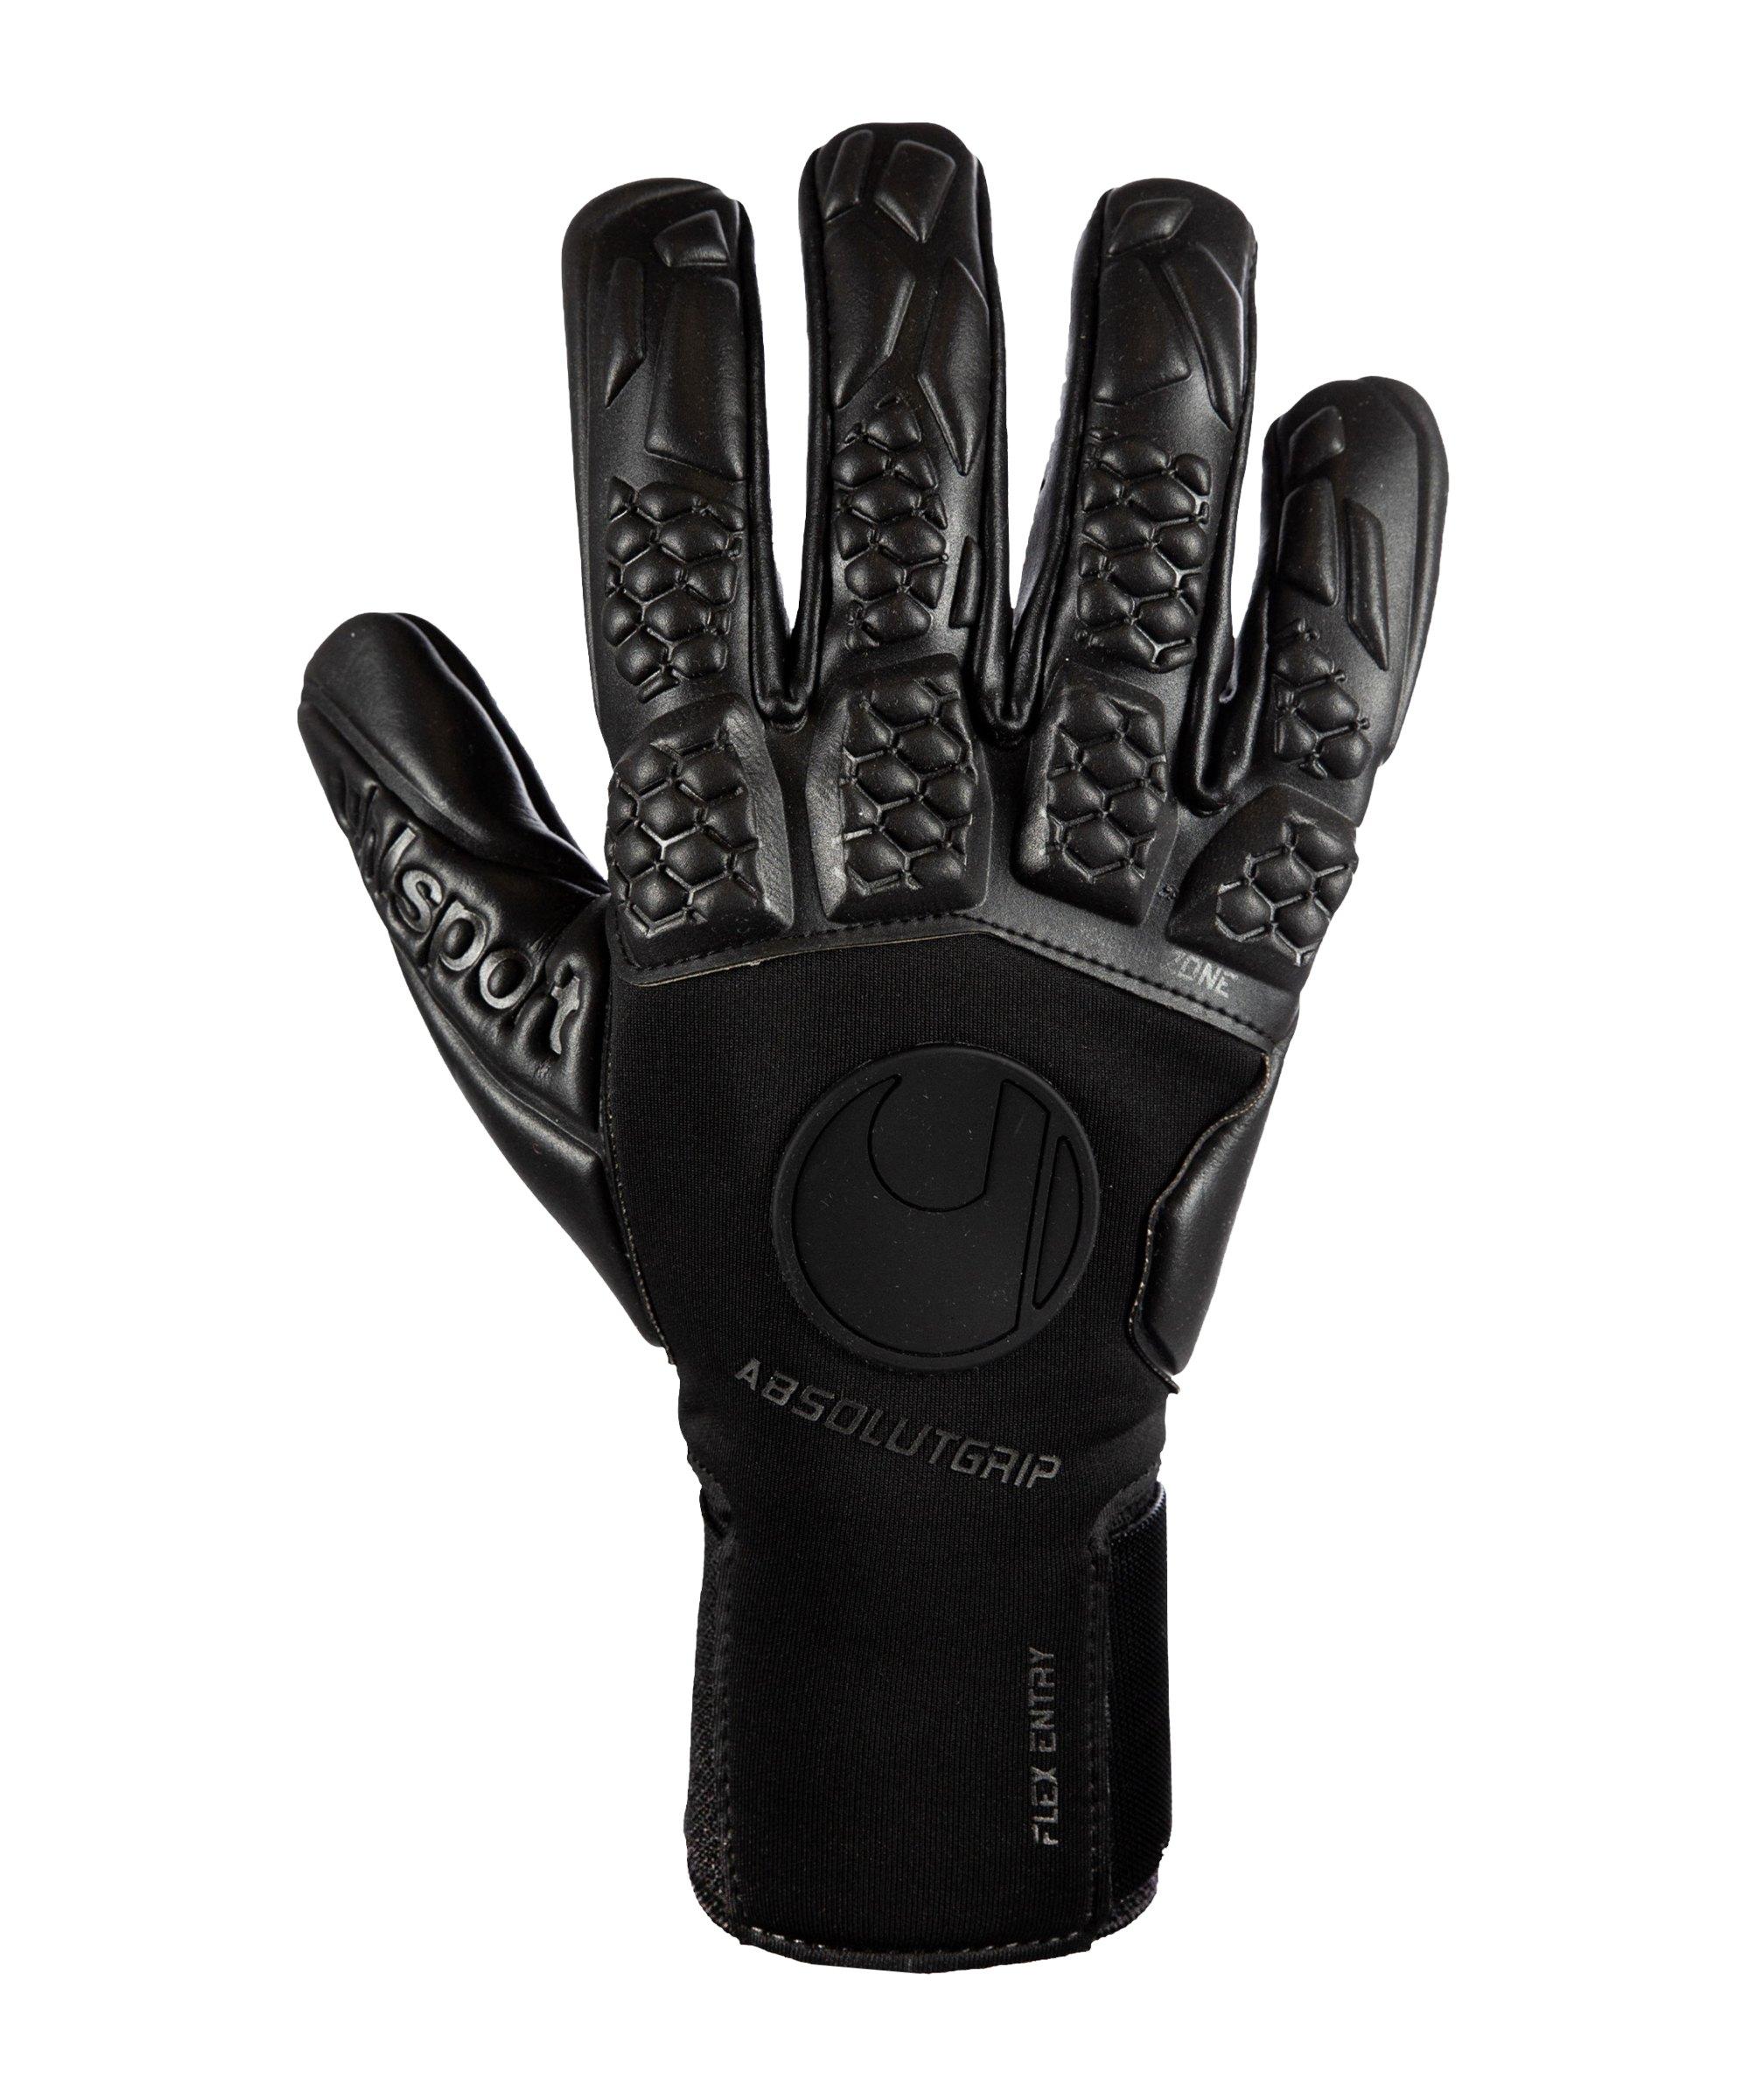 Uhlsport Hyperblack Absolutgrip HN TW-Handschuhe Schwarz F02 - schwarz